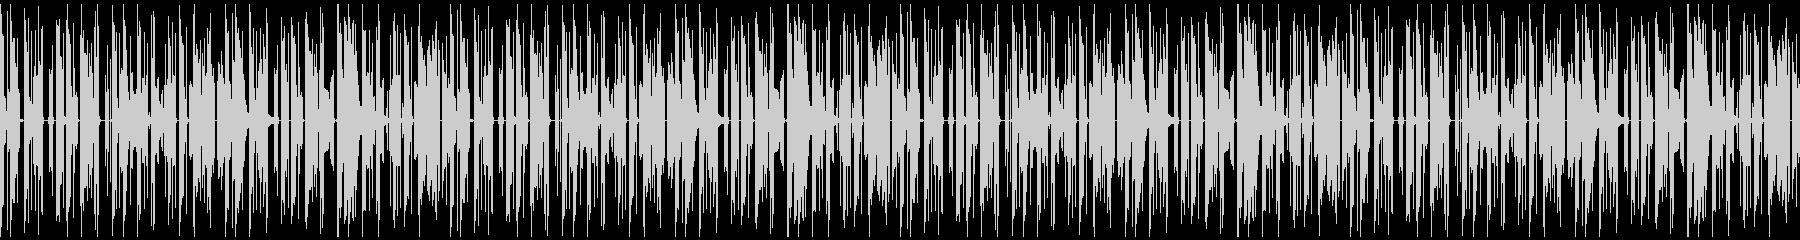 子供の声が入ったエレクトロニカループ:長の未再生の波形